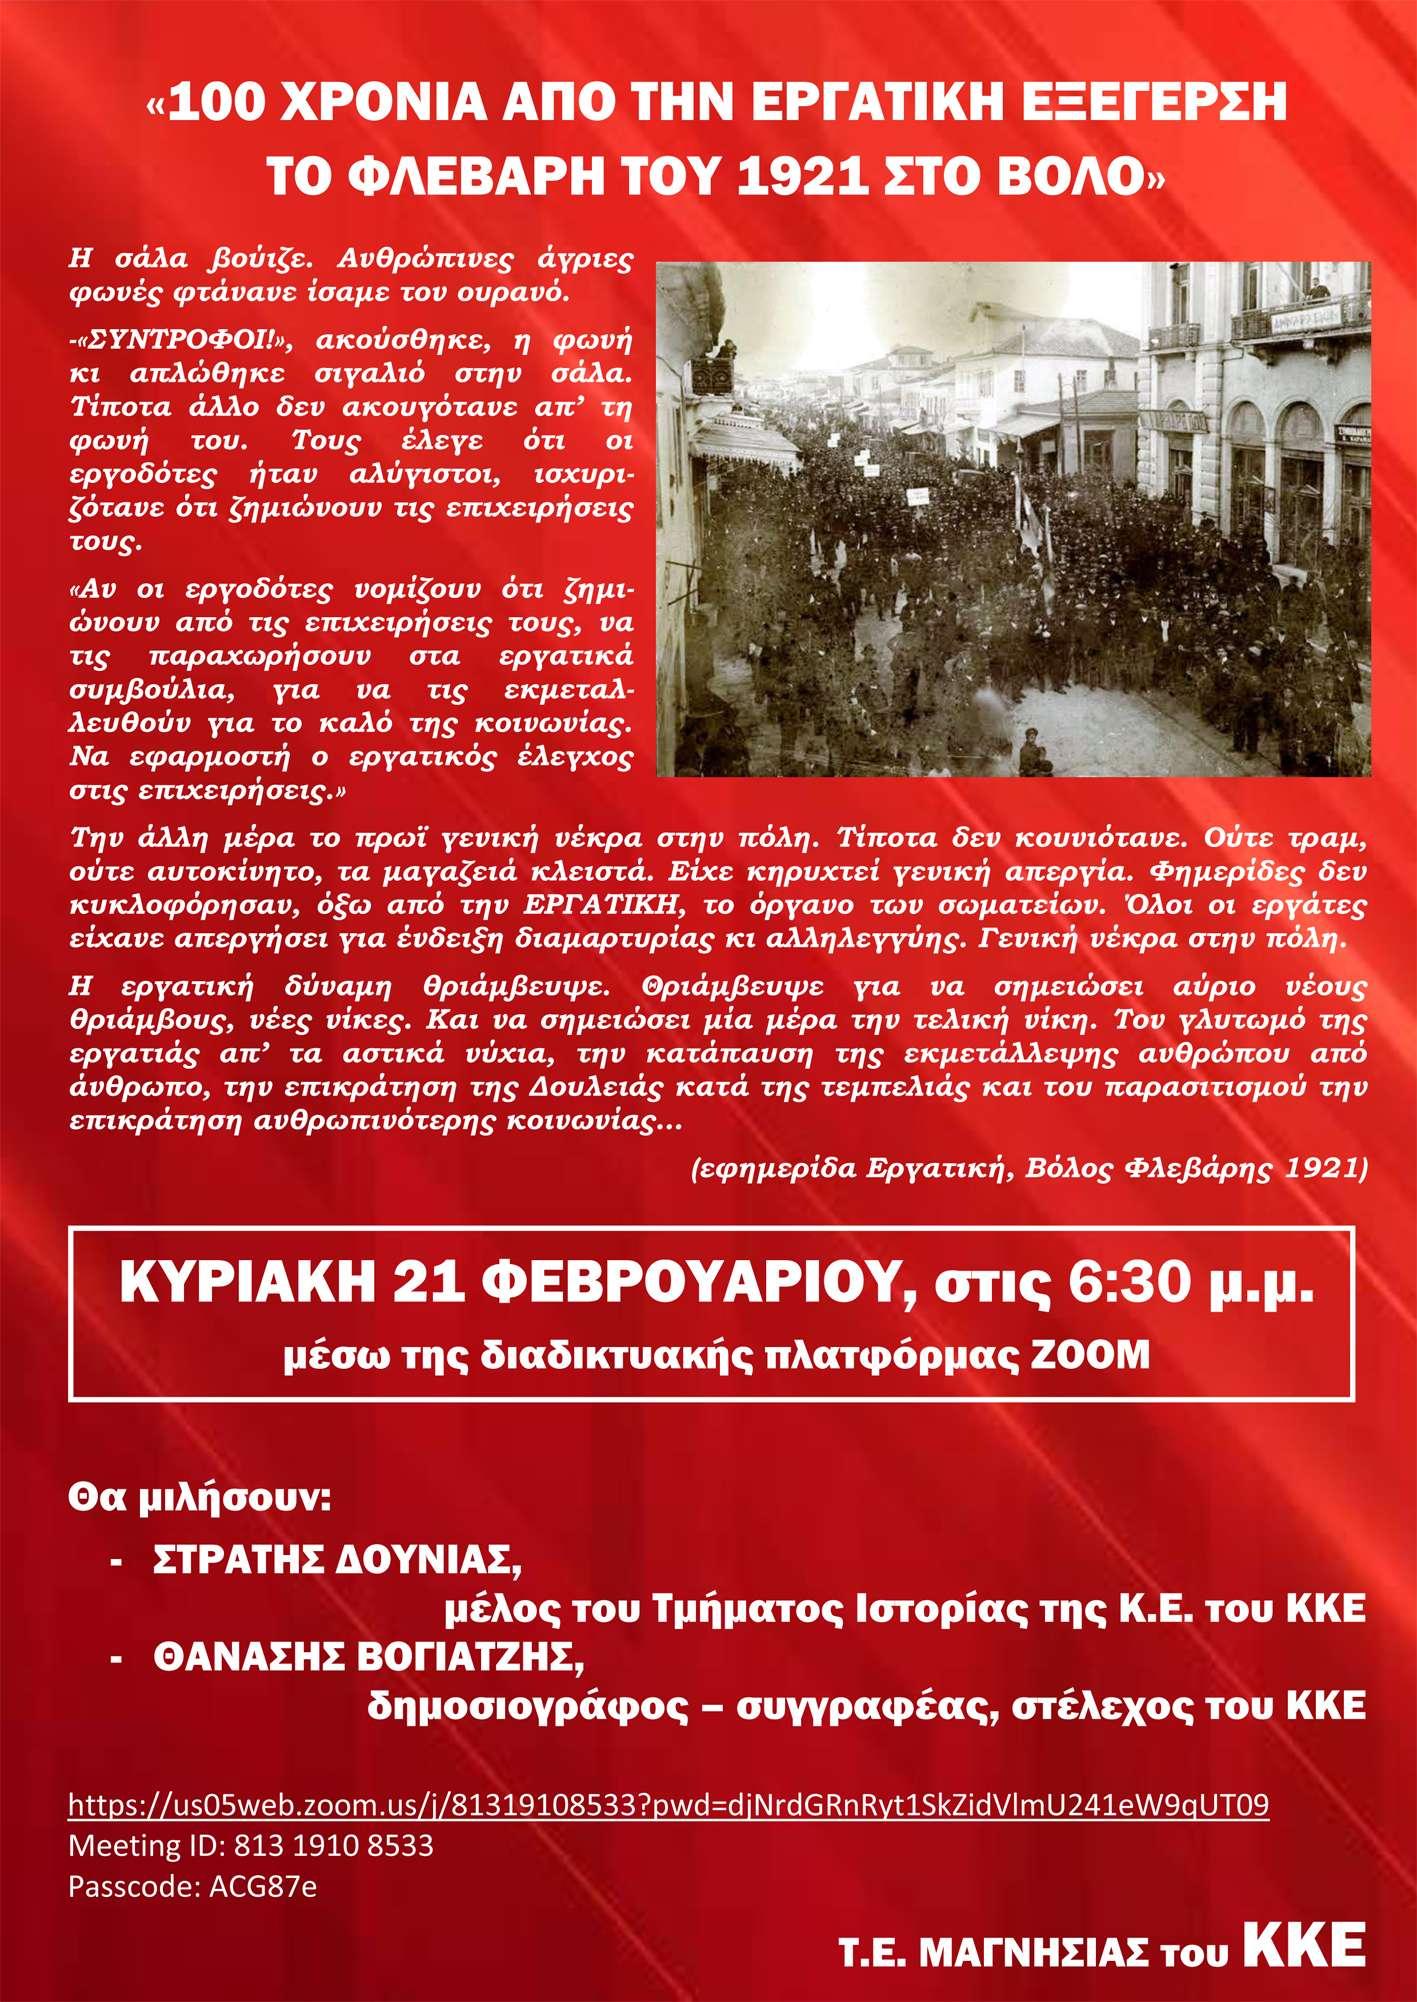 ΚΚΕ KKE Εκδήλωση εργατική εξέγερση Βόλος 1921